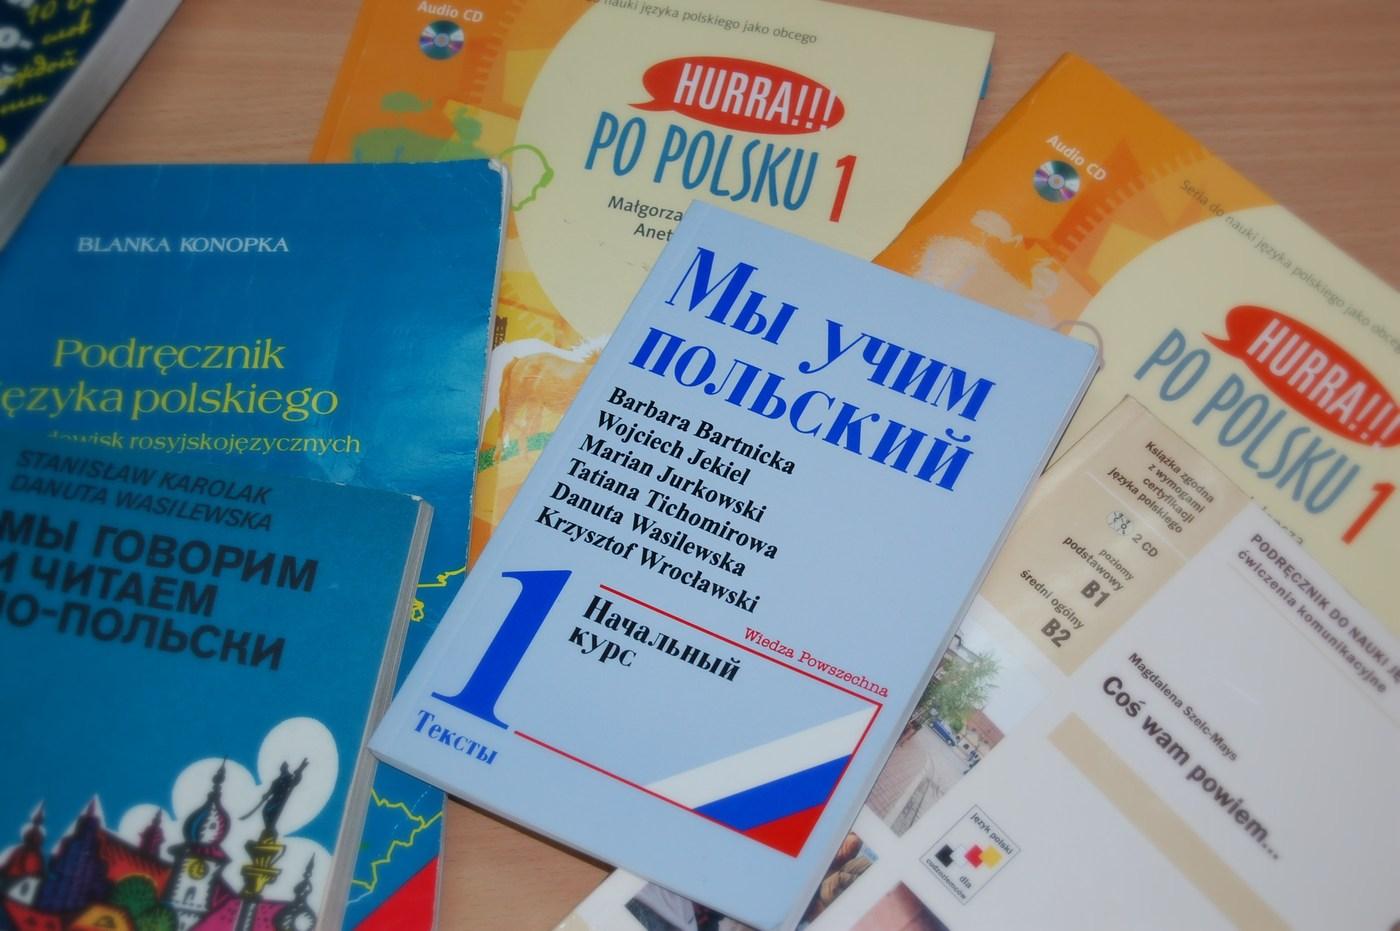 Бланка конопка учебник польского языка скачать бесплатно